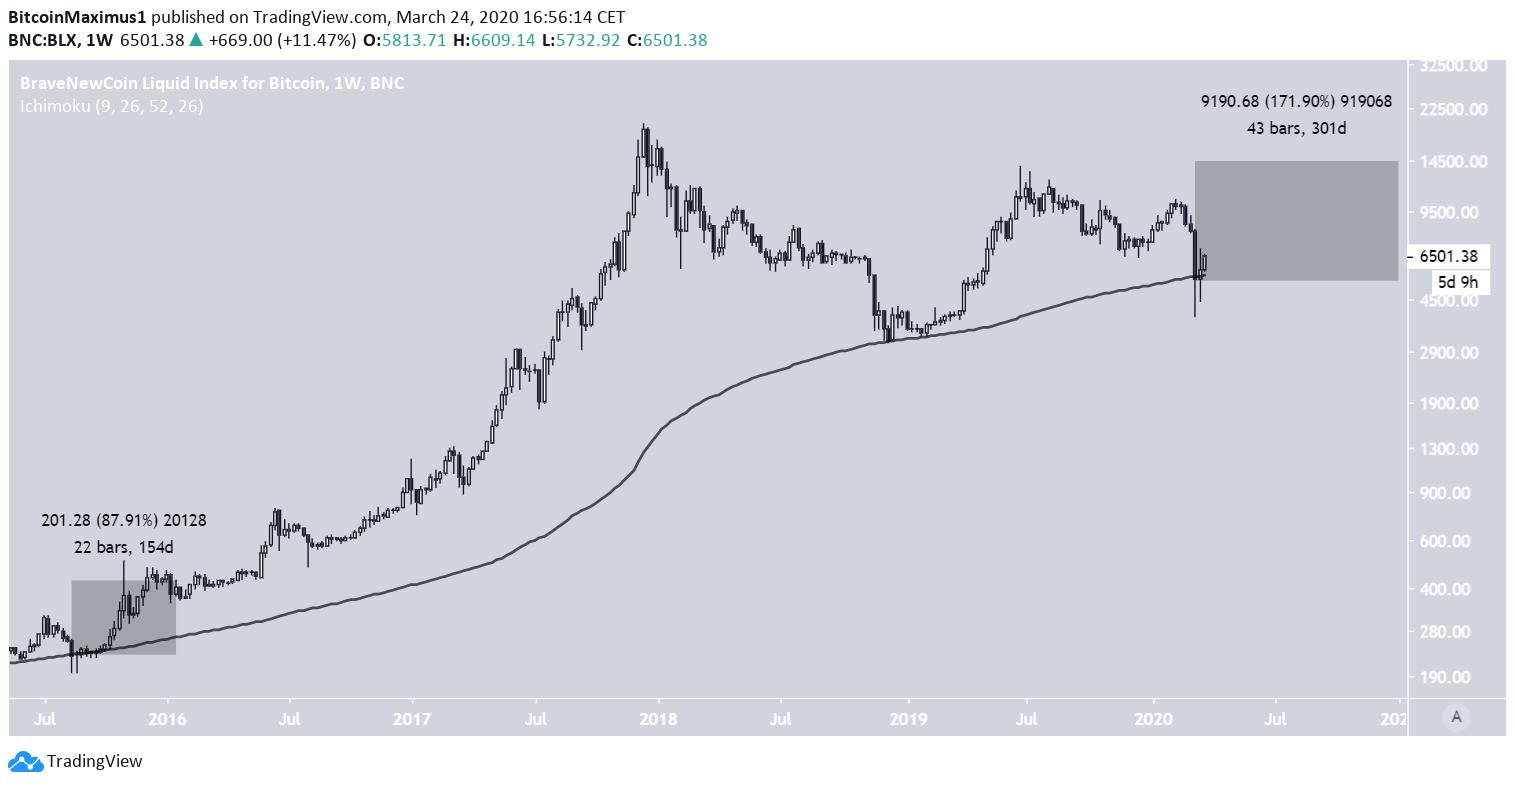 Bitcoin 2020 prediction